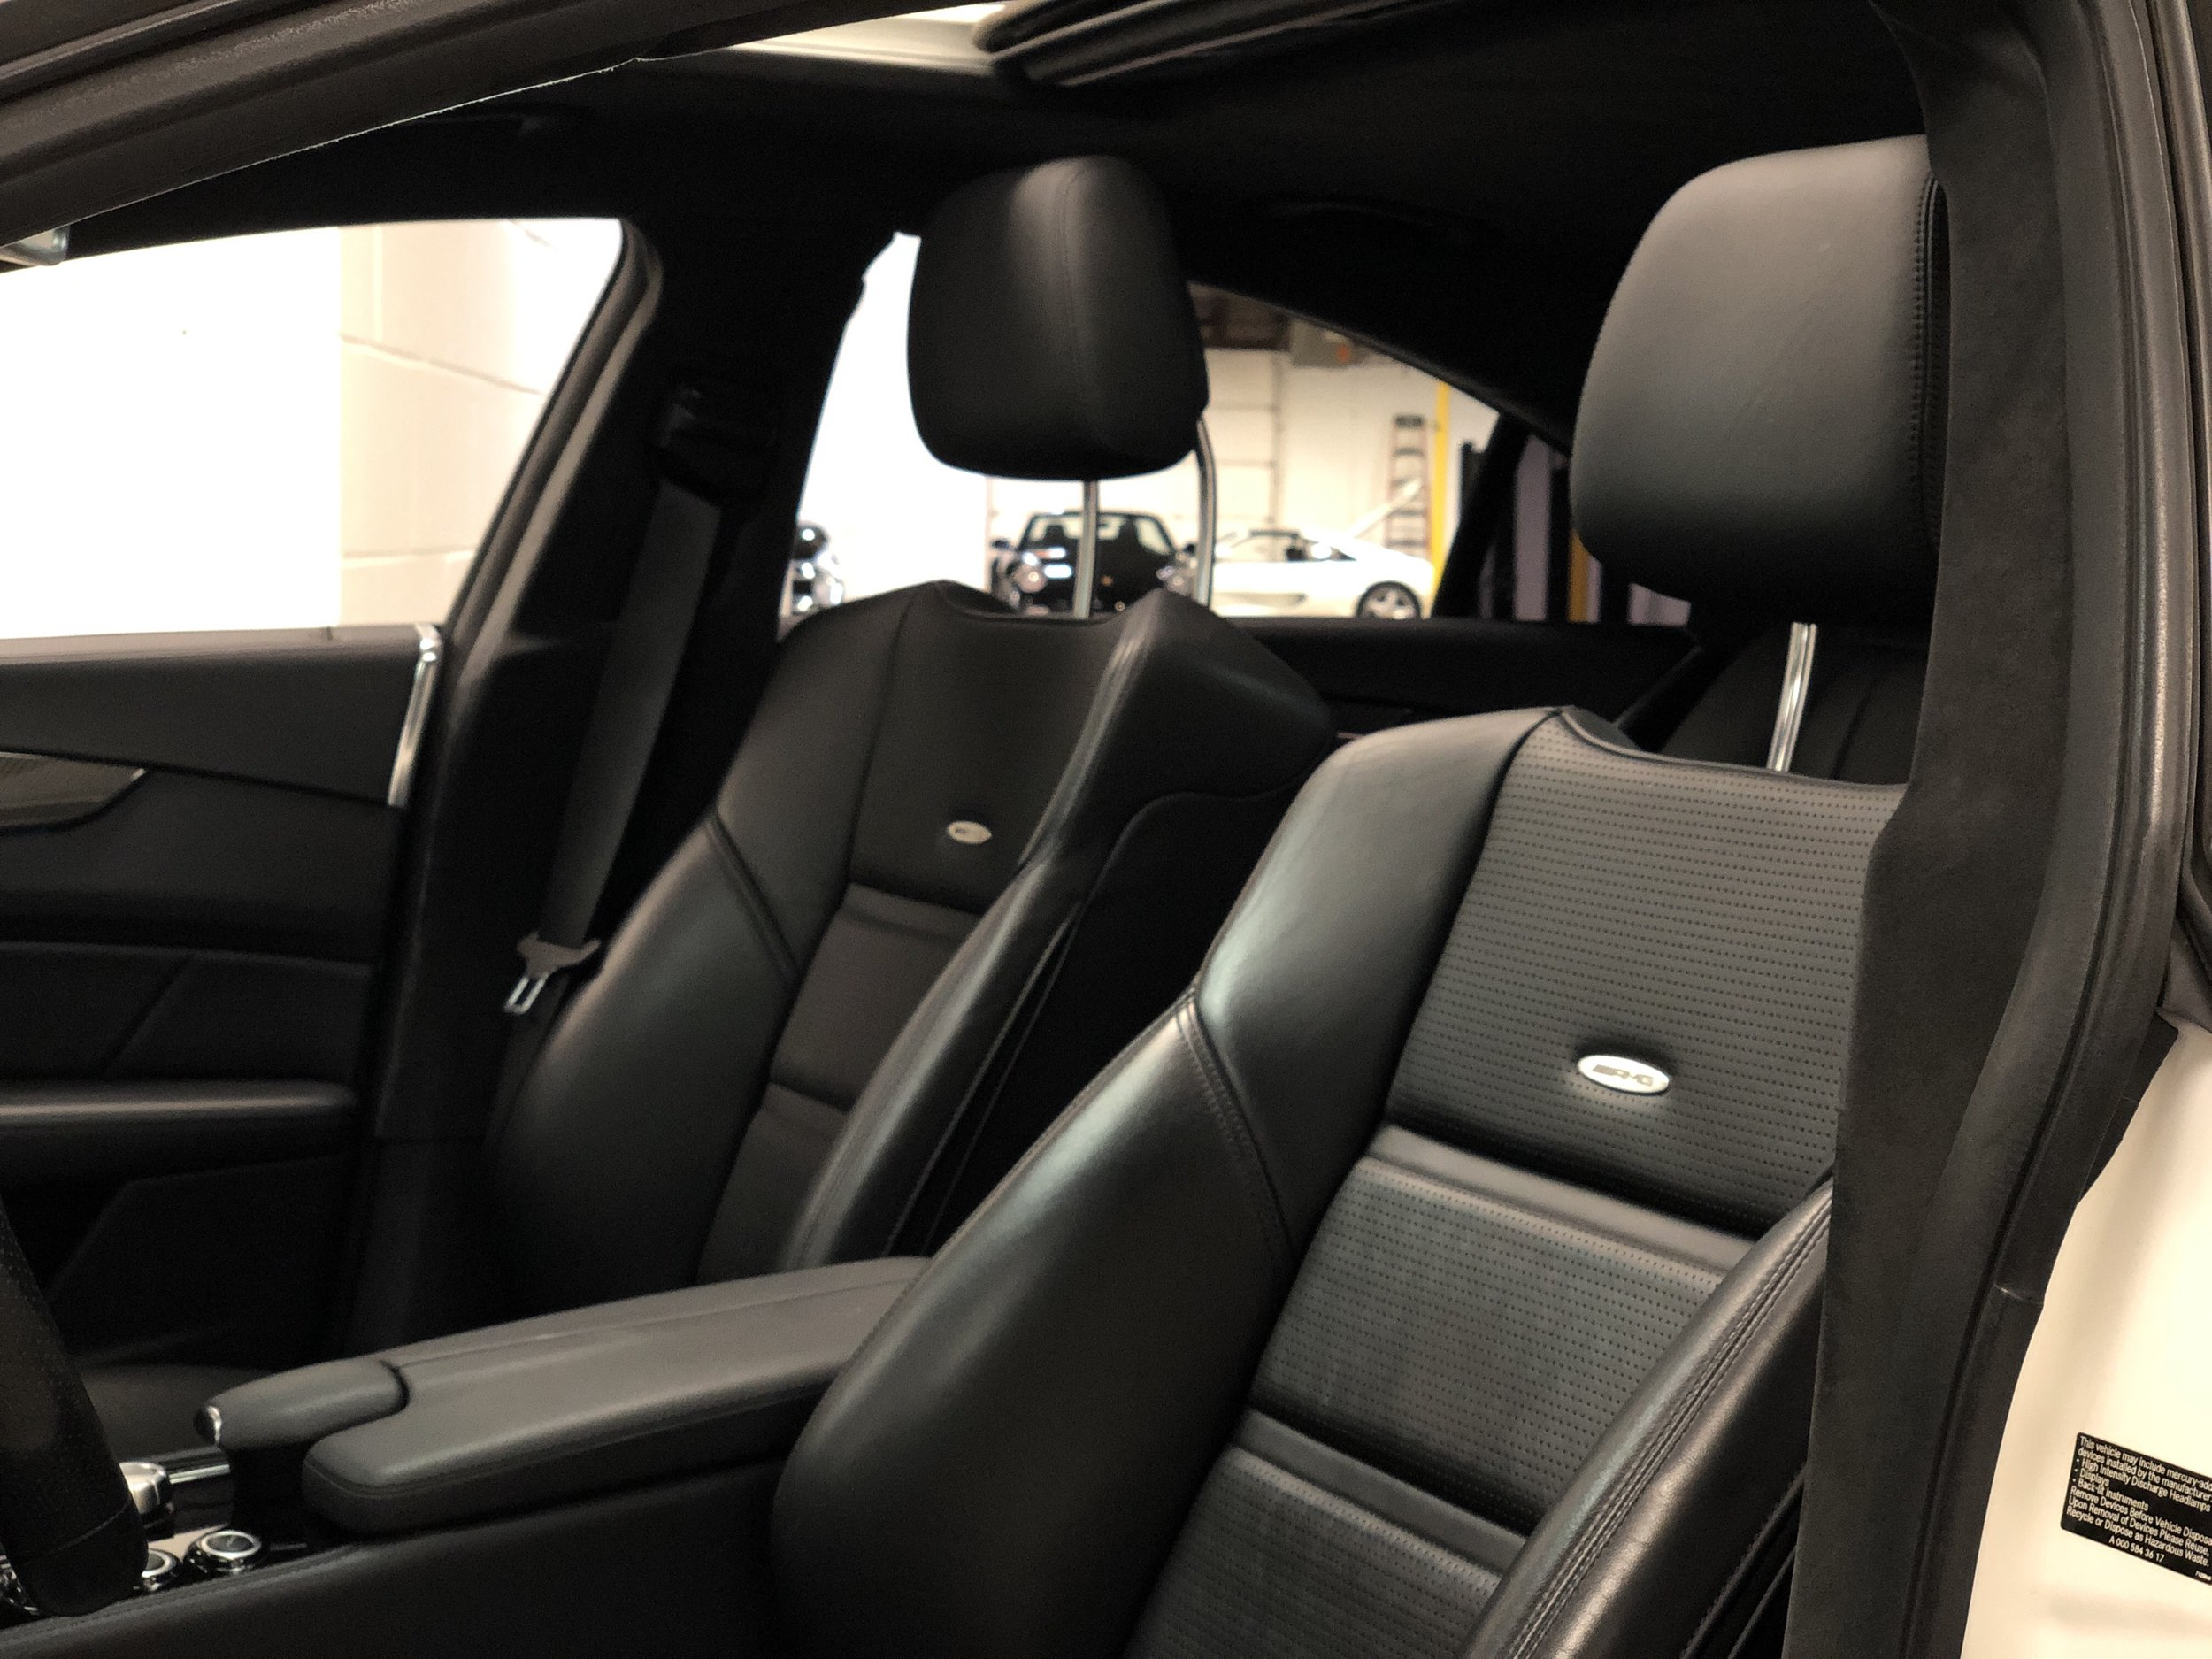 2012 Mercedes-Benz CLS 63 RENNTECH Seats